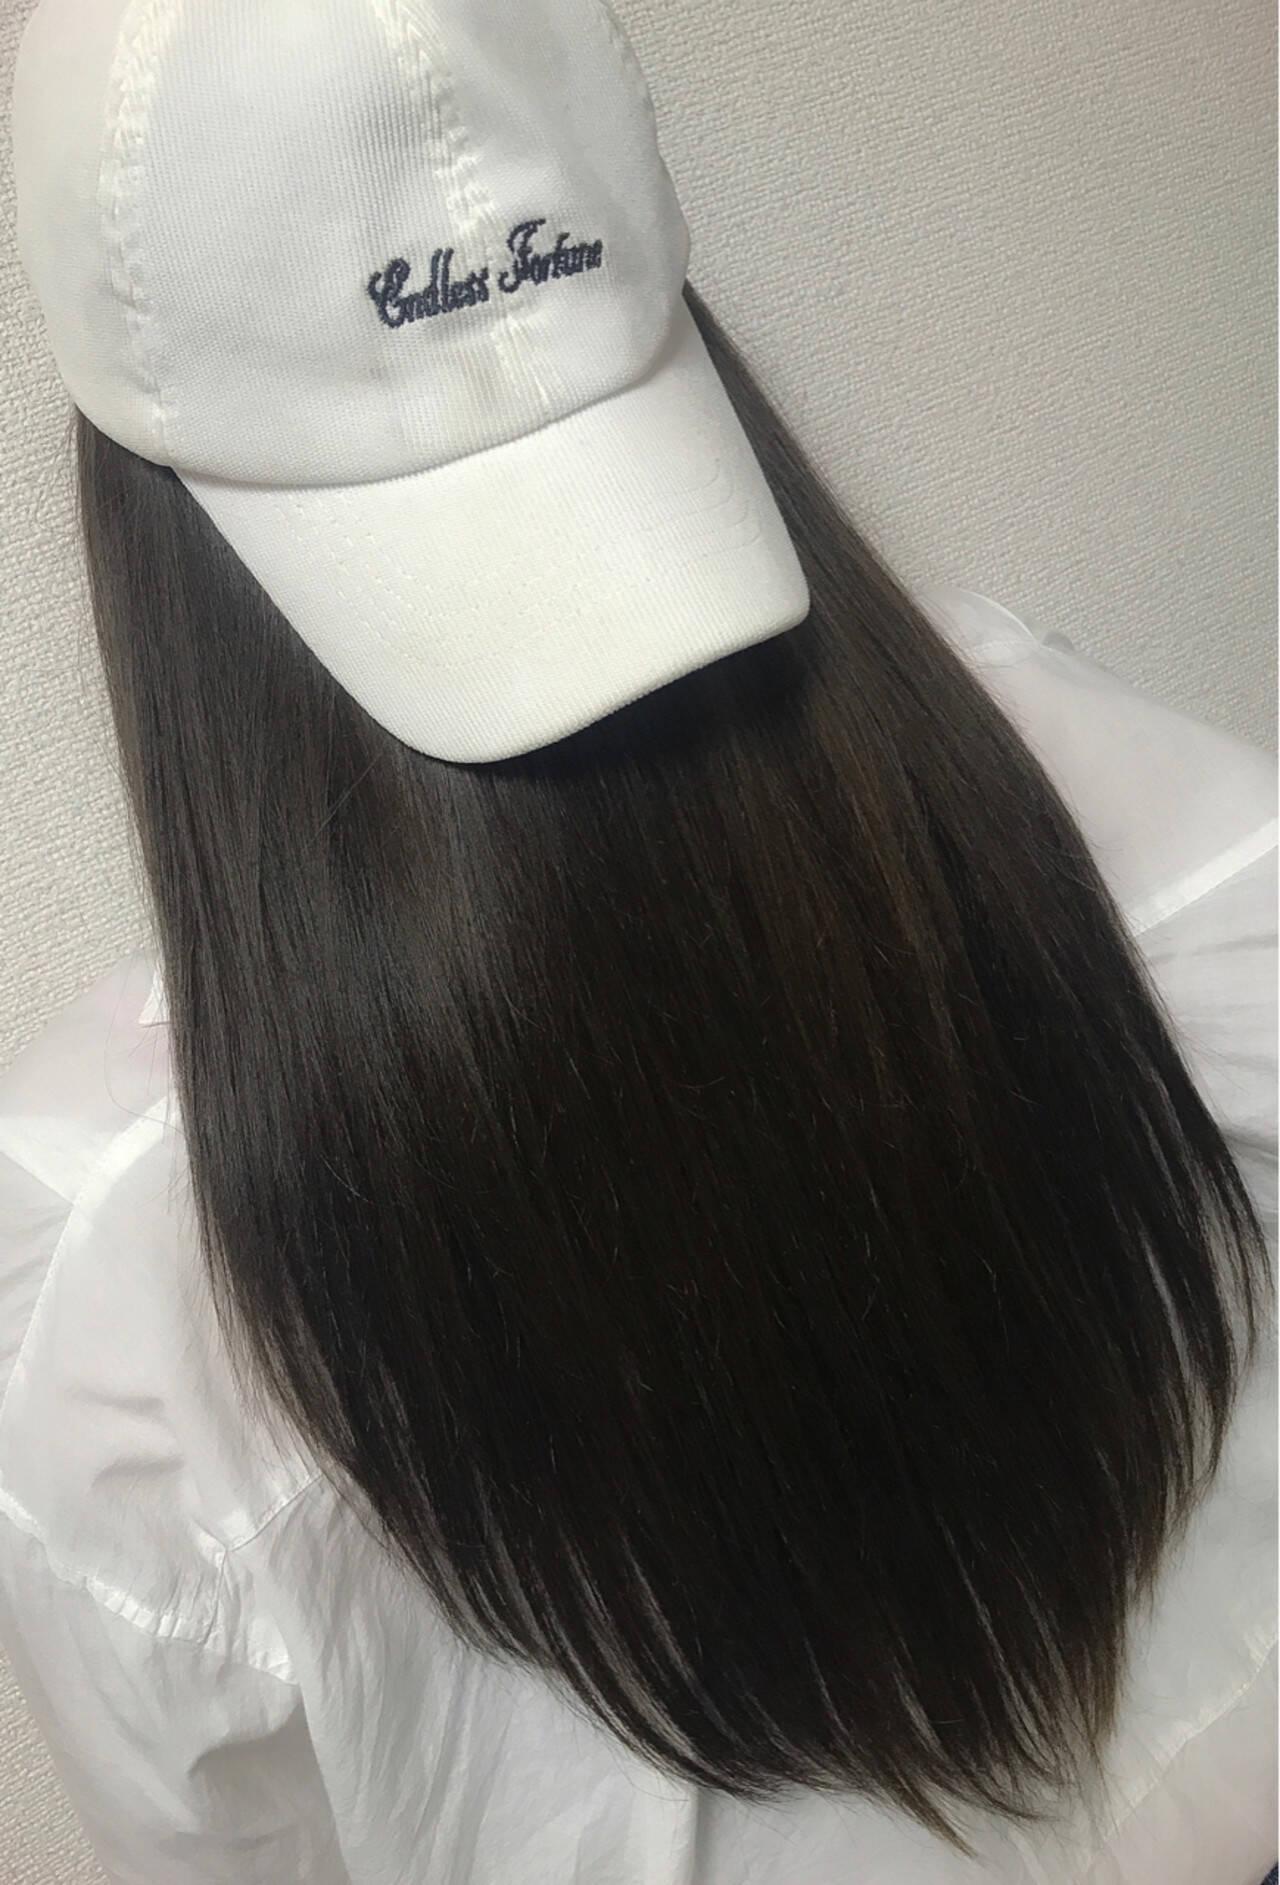 ナチュラル 黒髪 アッシュ ロングヘアスタイルや髪型の写真・画像